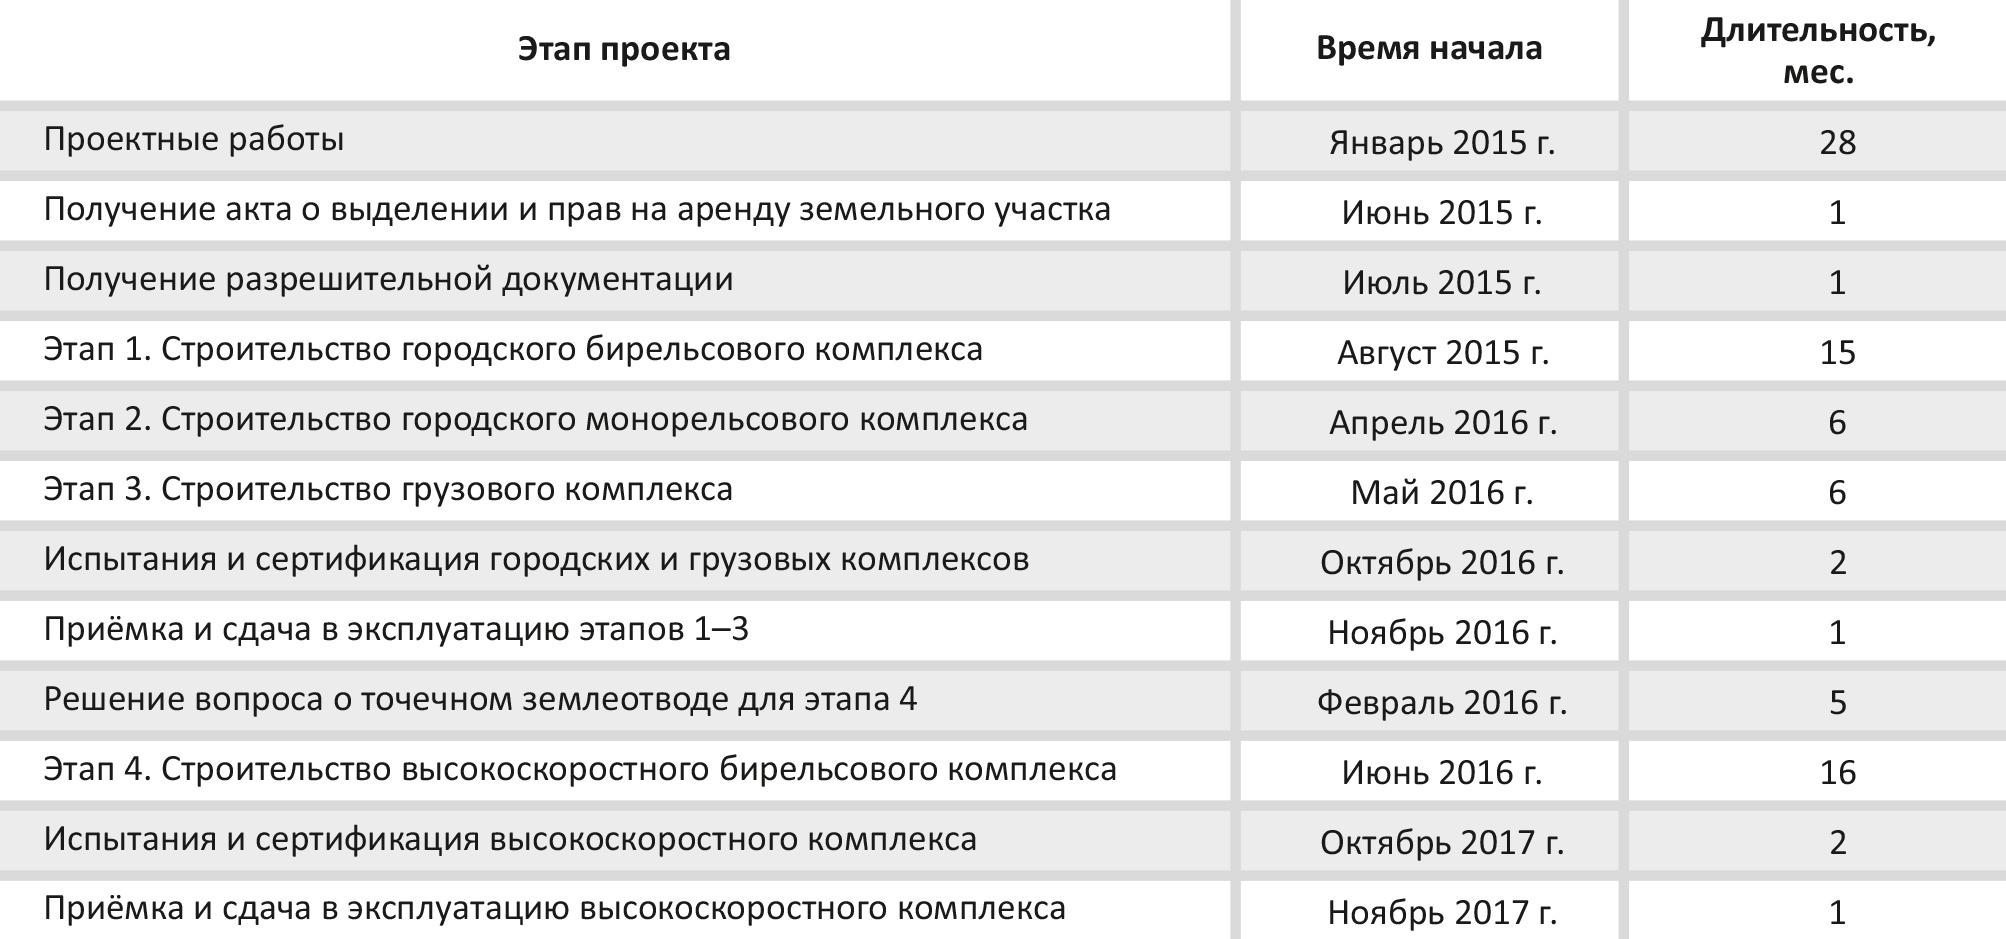 tablica-2.6-plan-meropriyatij-po-stroitelstvu-ekotexnoparka